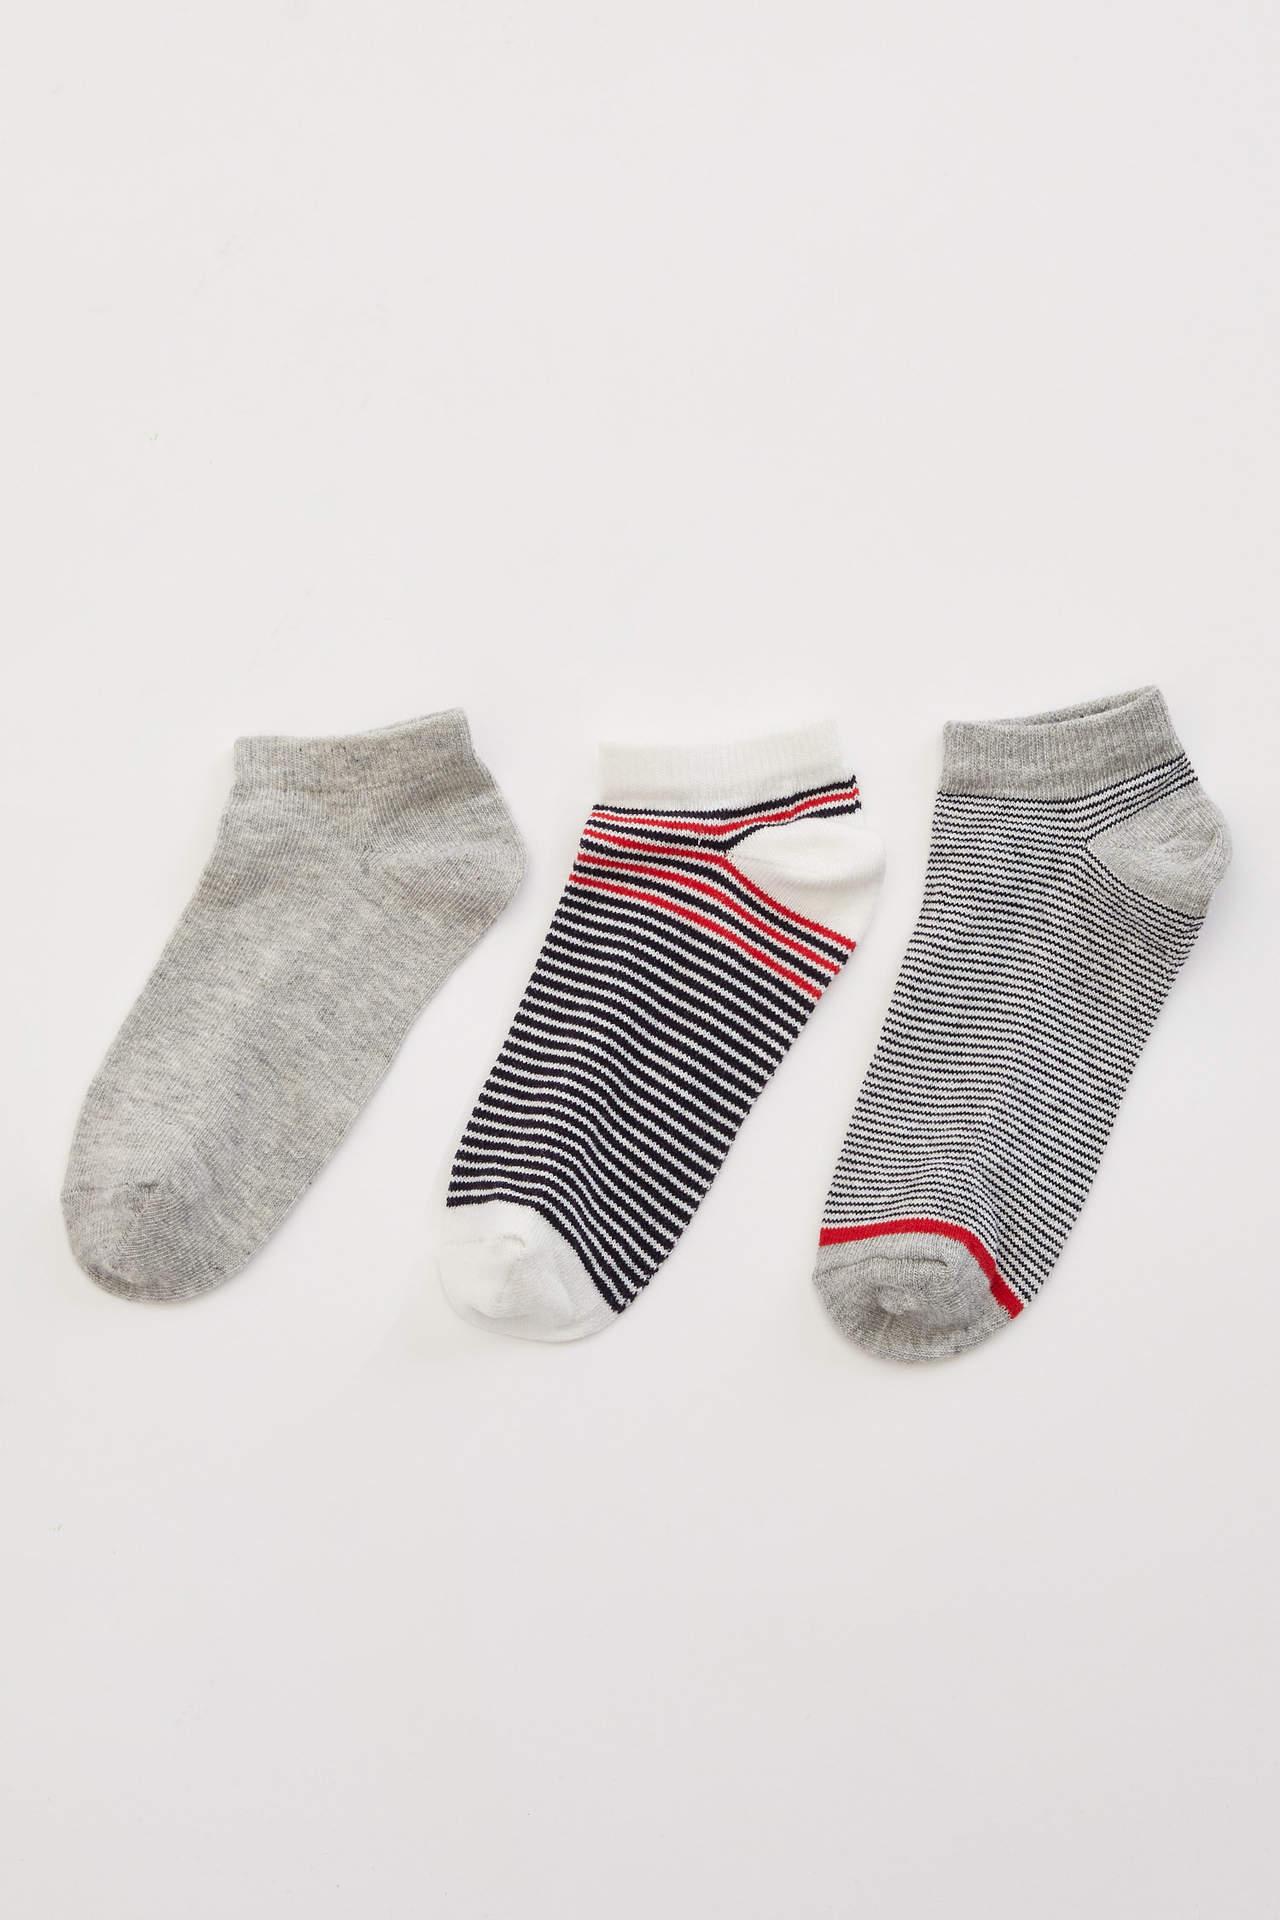 DeFacto Erkek Çocuk 3'lü Kısa Çorap male